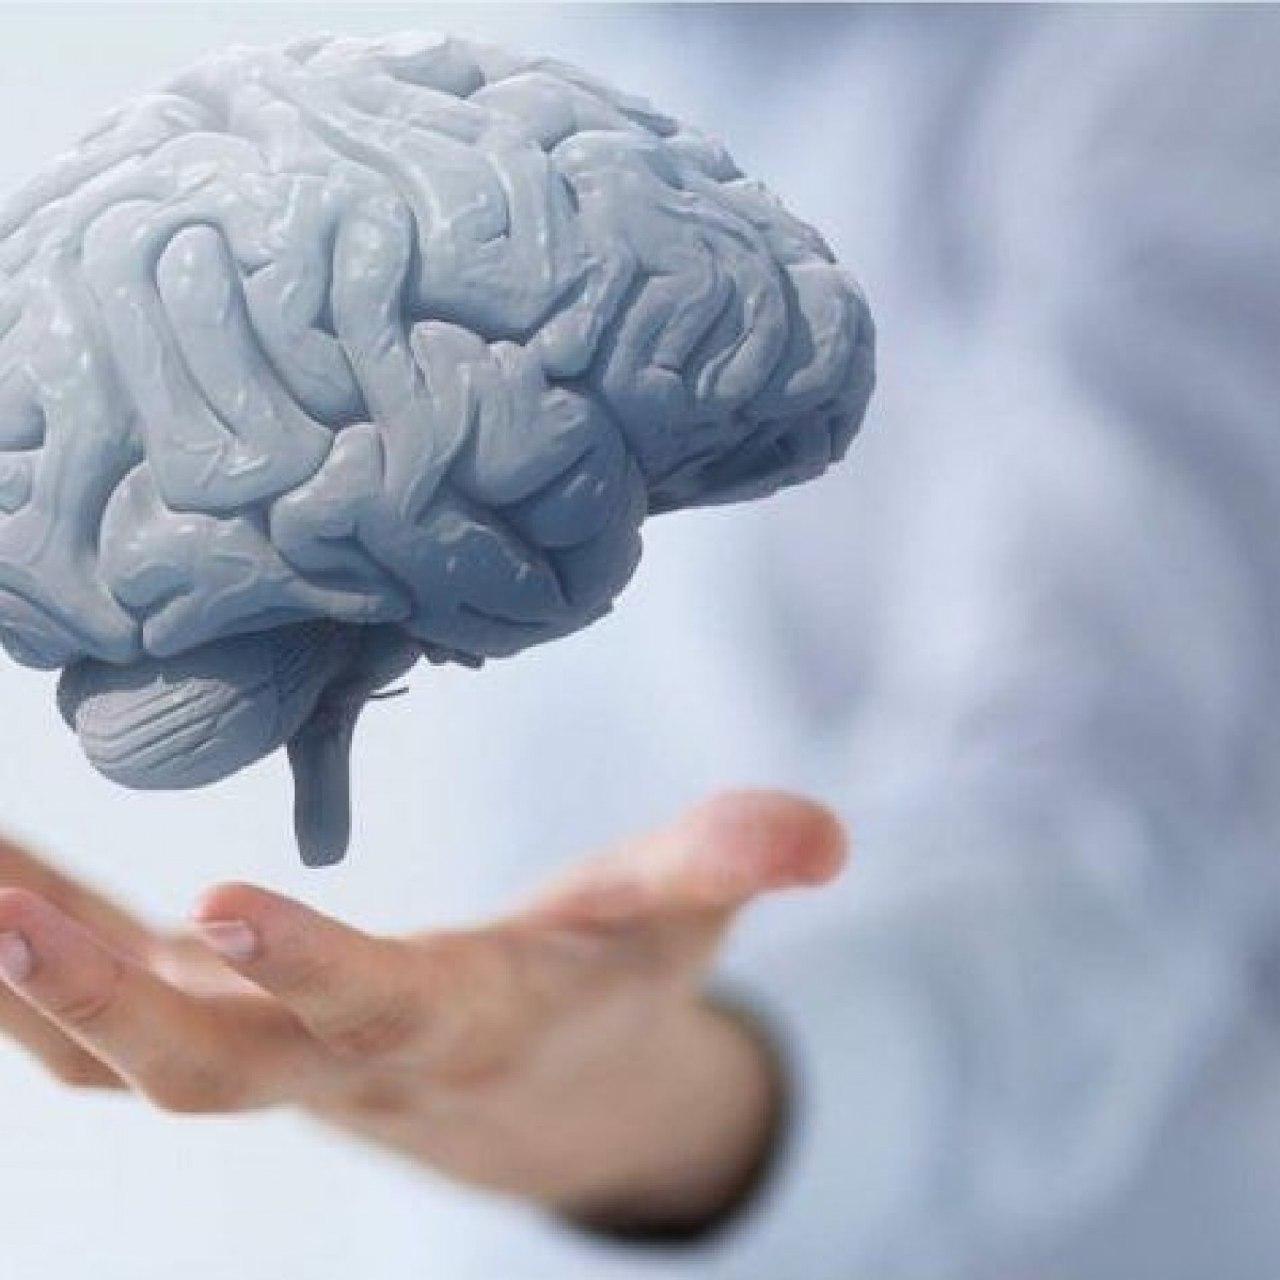 باحثون يطورون خطًا جديدًا للكتابة يساعد على تخزين المعلومات في المخ